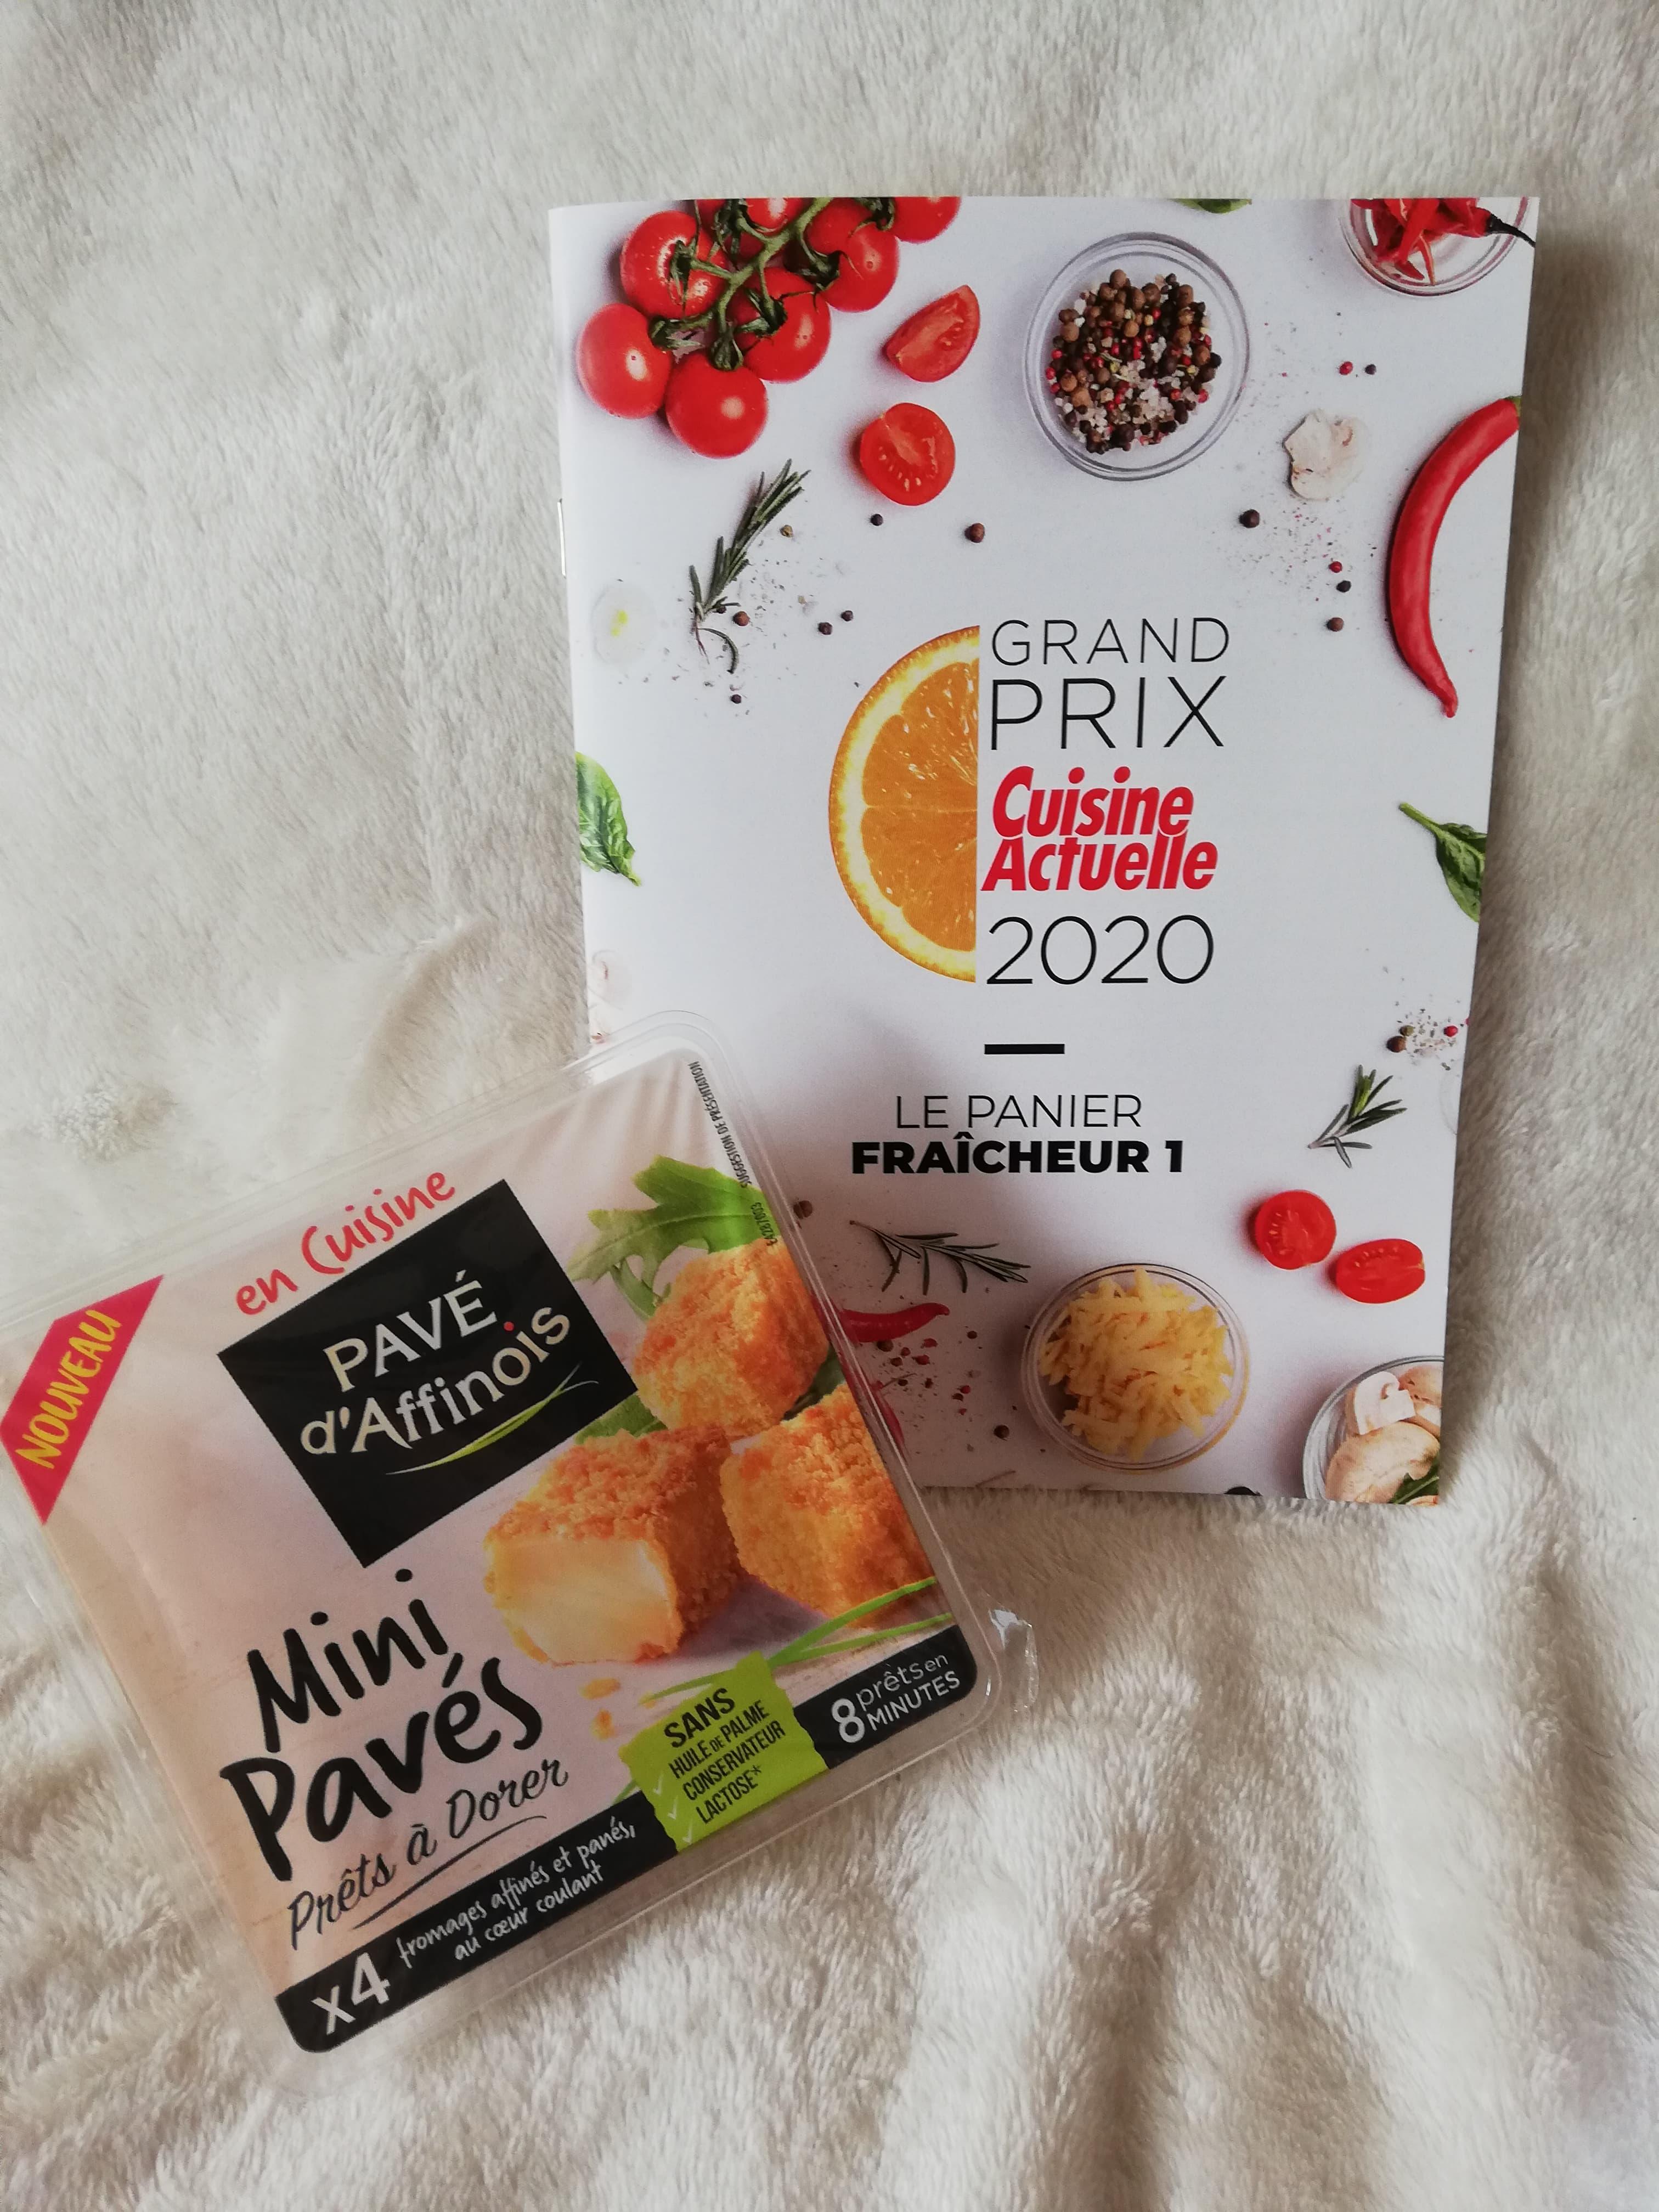 Pavé d' Affinois  Mini pavés Prêts à dorer  (prix moyen conseillé 2,99 €)